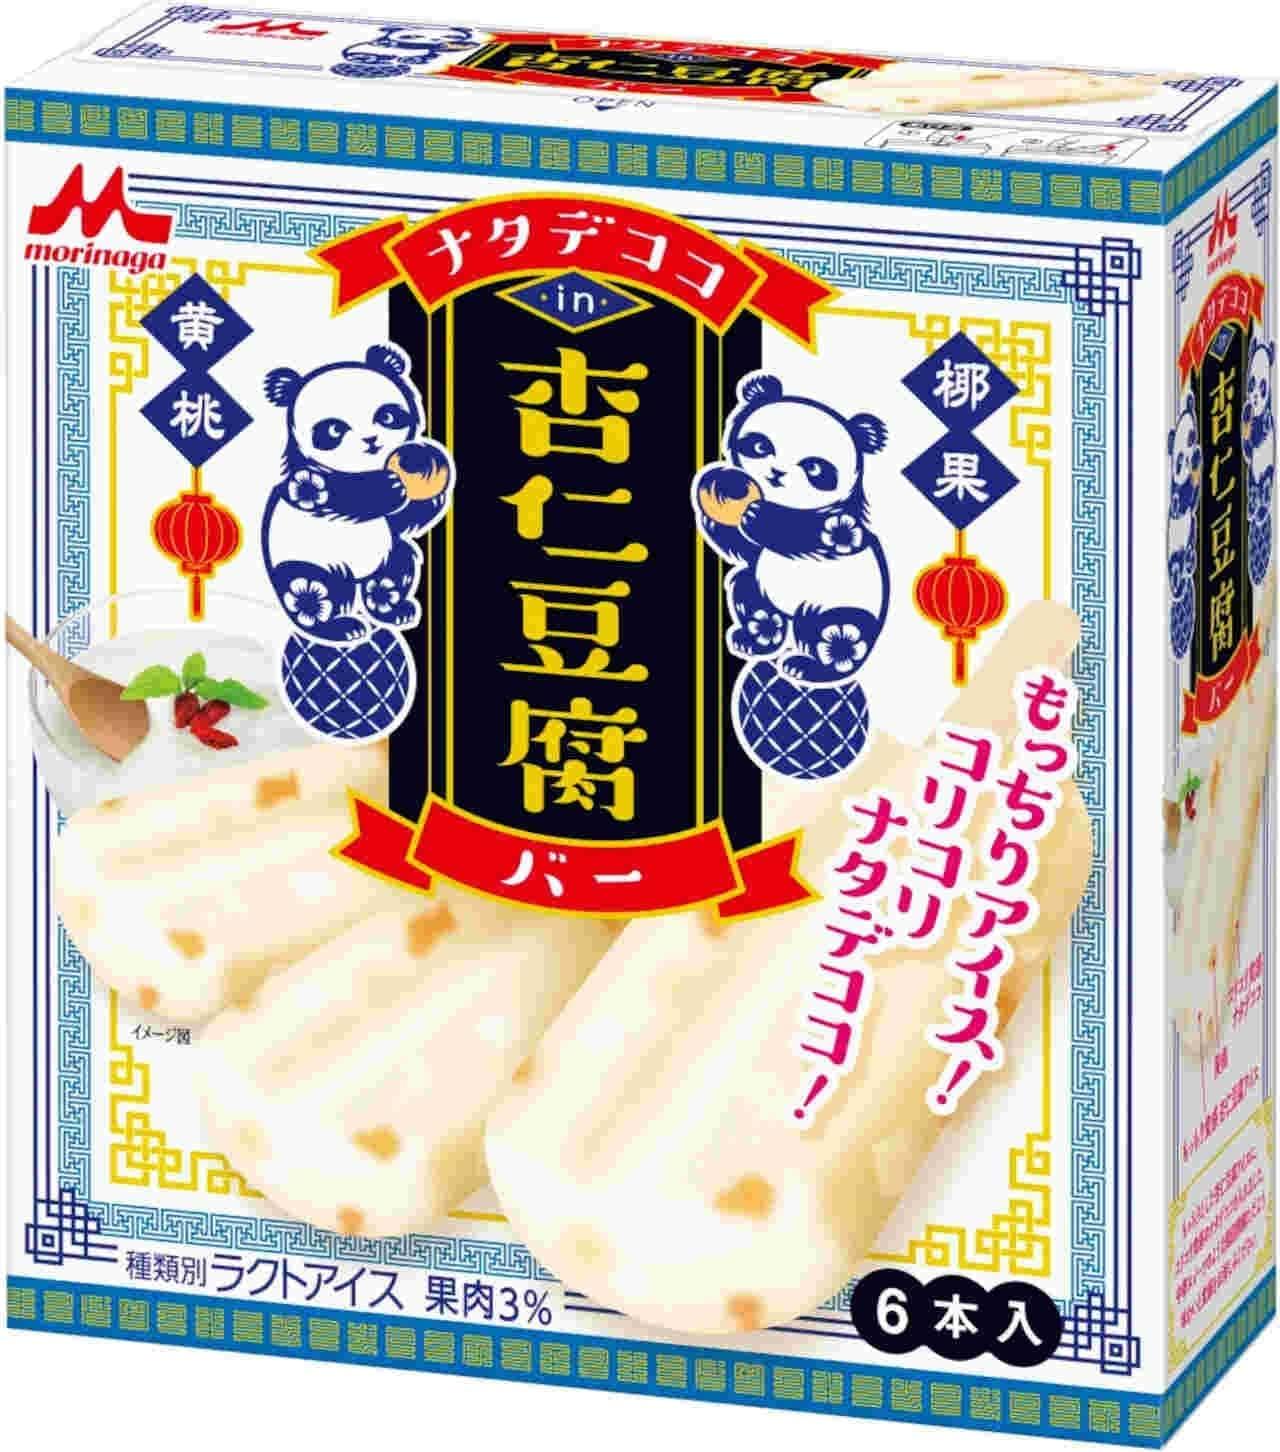 森永乳業「ナタデココin杏仁豆腐バー(6本入り)」